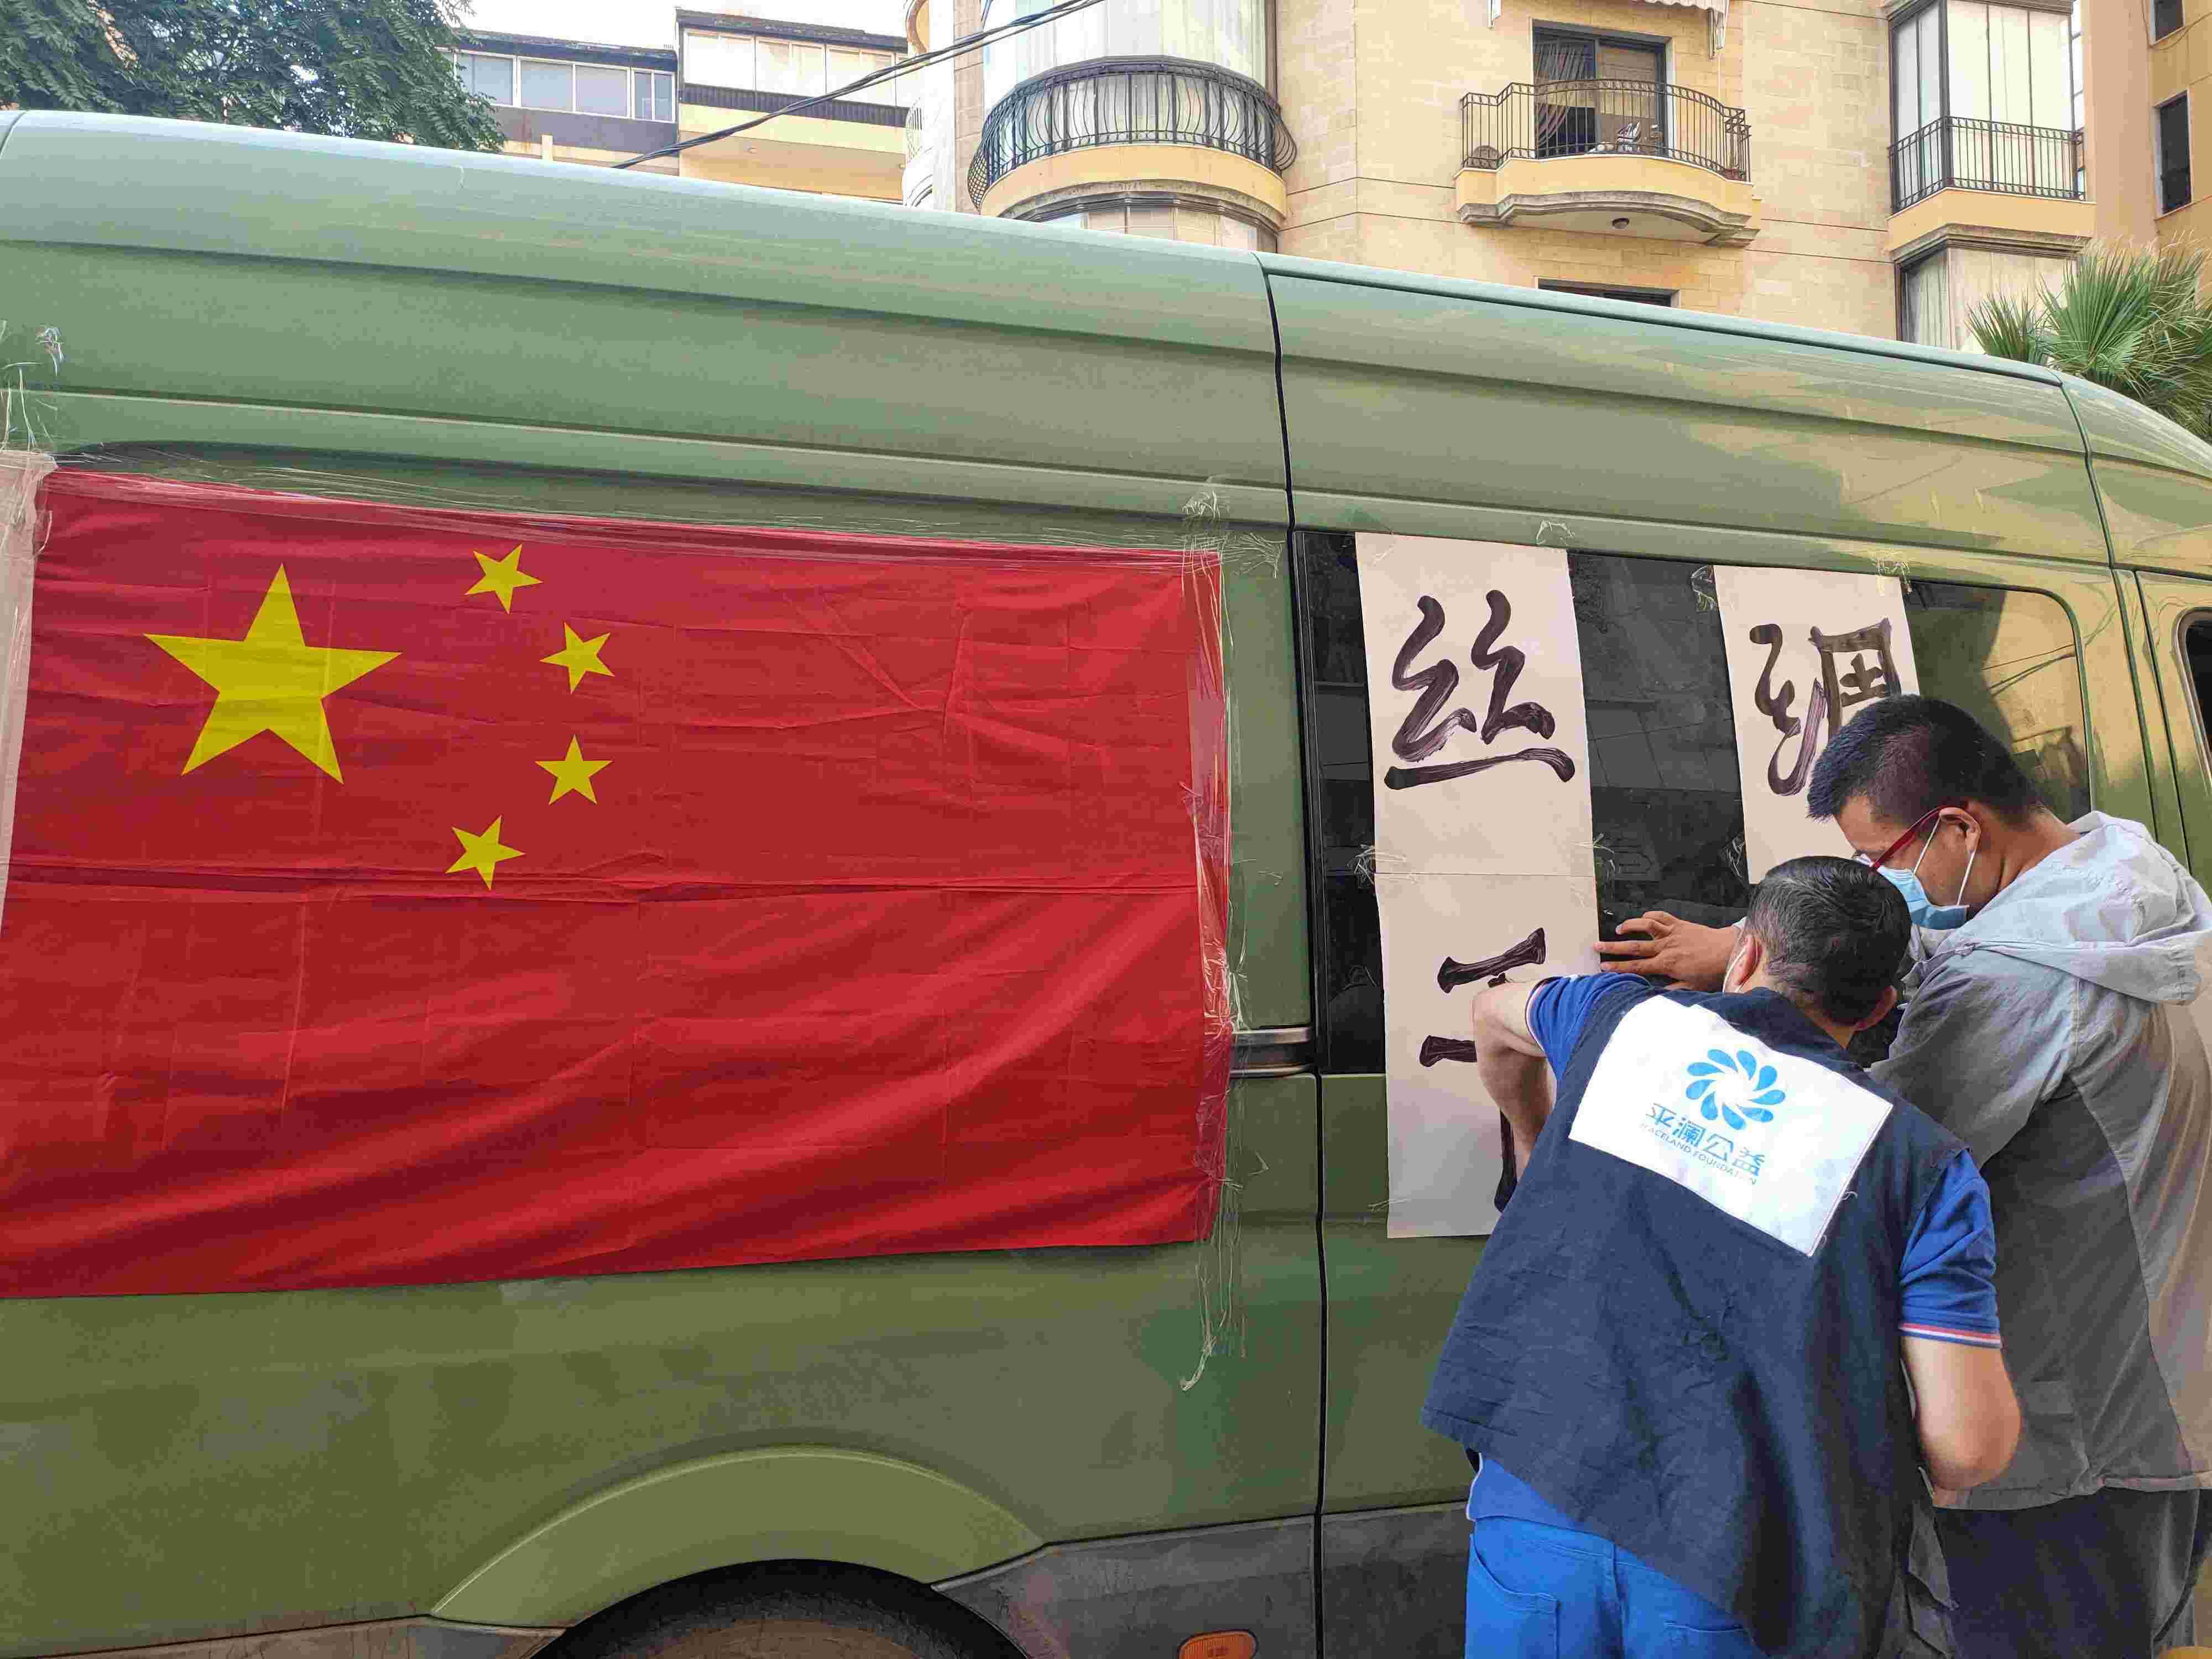 中国留学生在贝鲁特做志愿者:尽绵薄之力回馈第二故乡